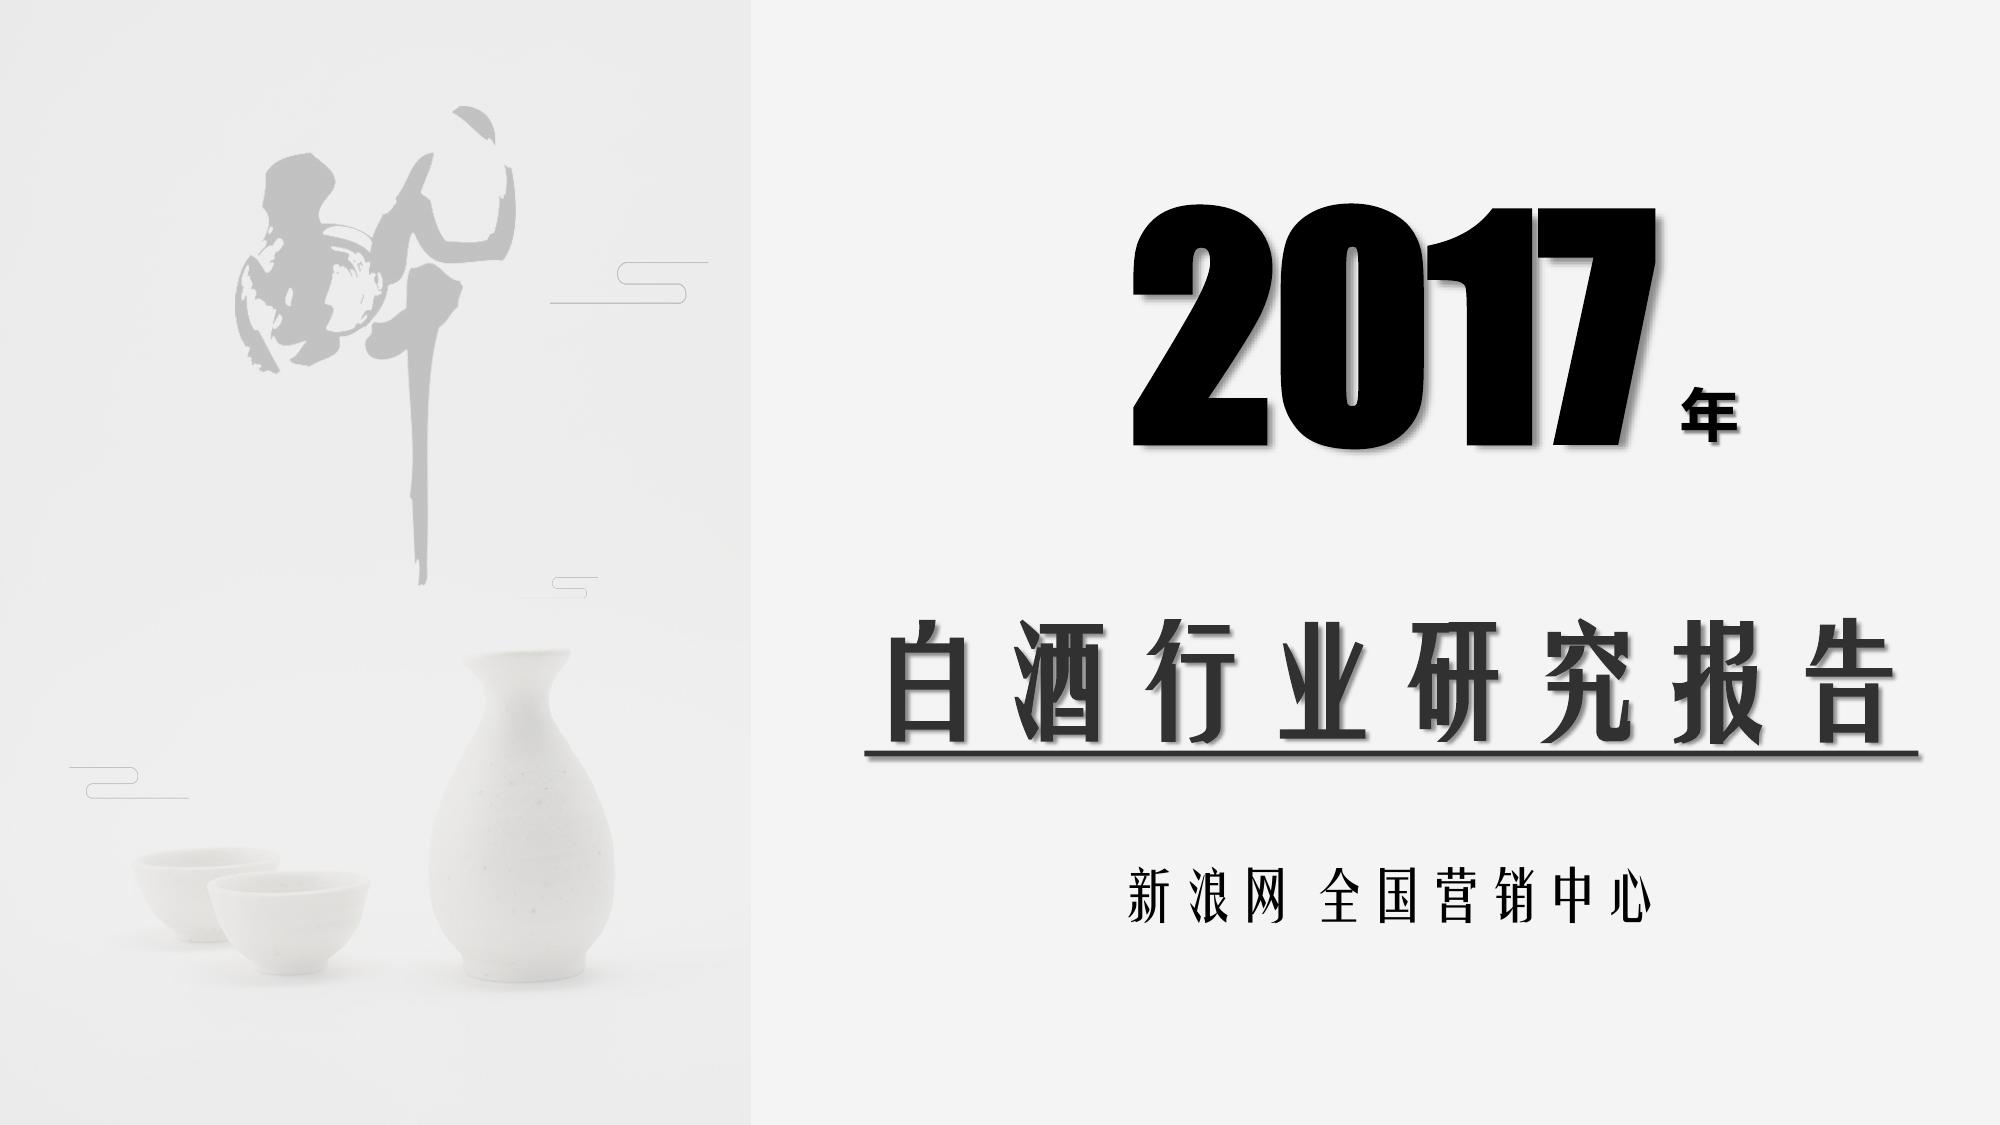 微博数据中心:2017白酒行业研究报告(附下载)